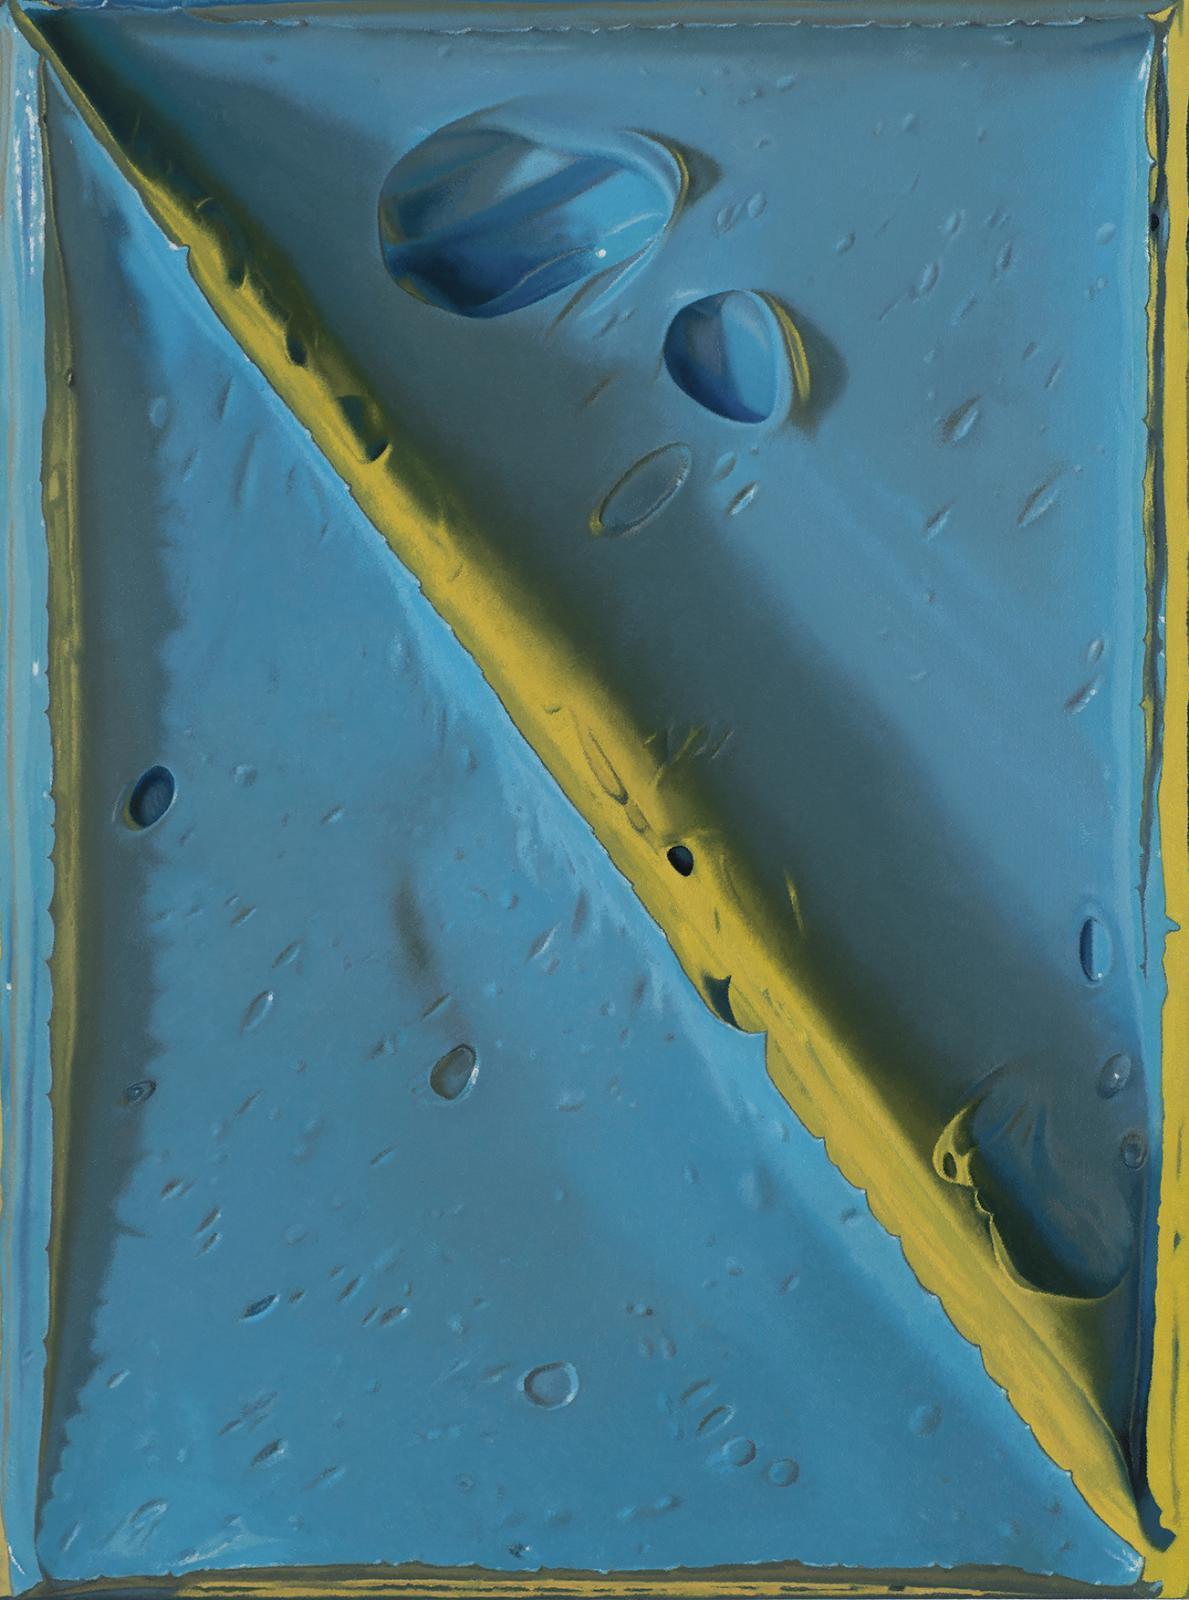 Felix Rehfeld, Ohne Titel, blau gelb vr, 2020, Öl auf Leinwand,64 x 48cm, ref005de